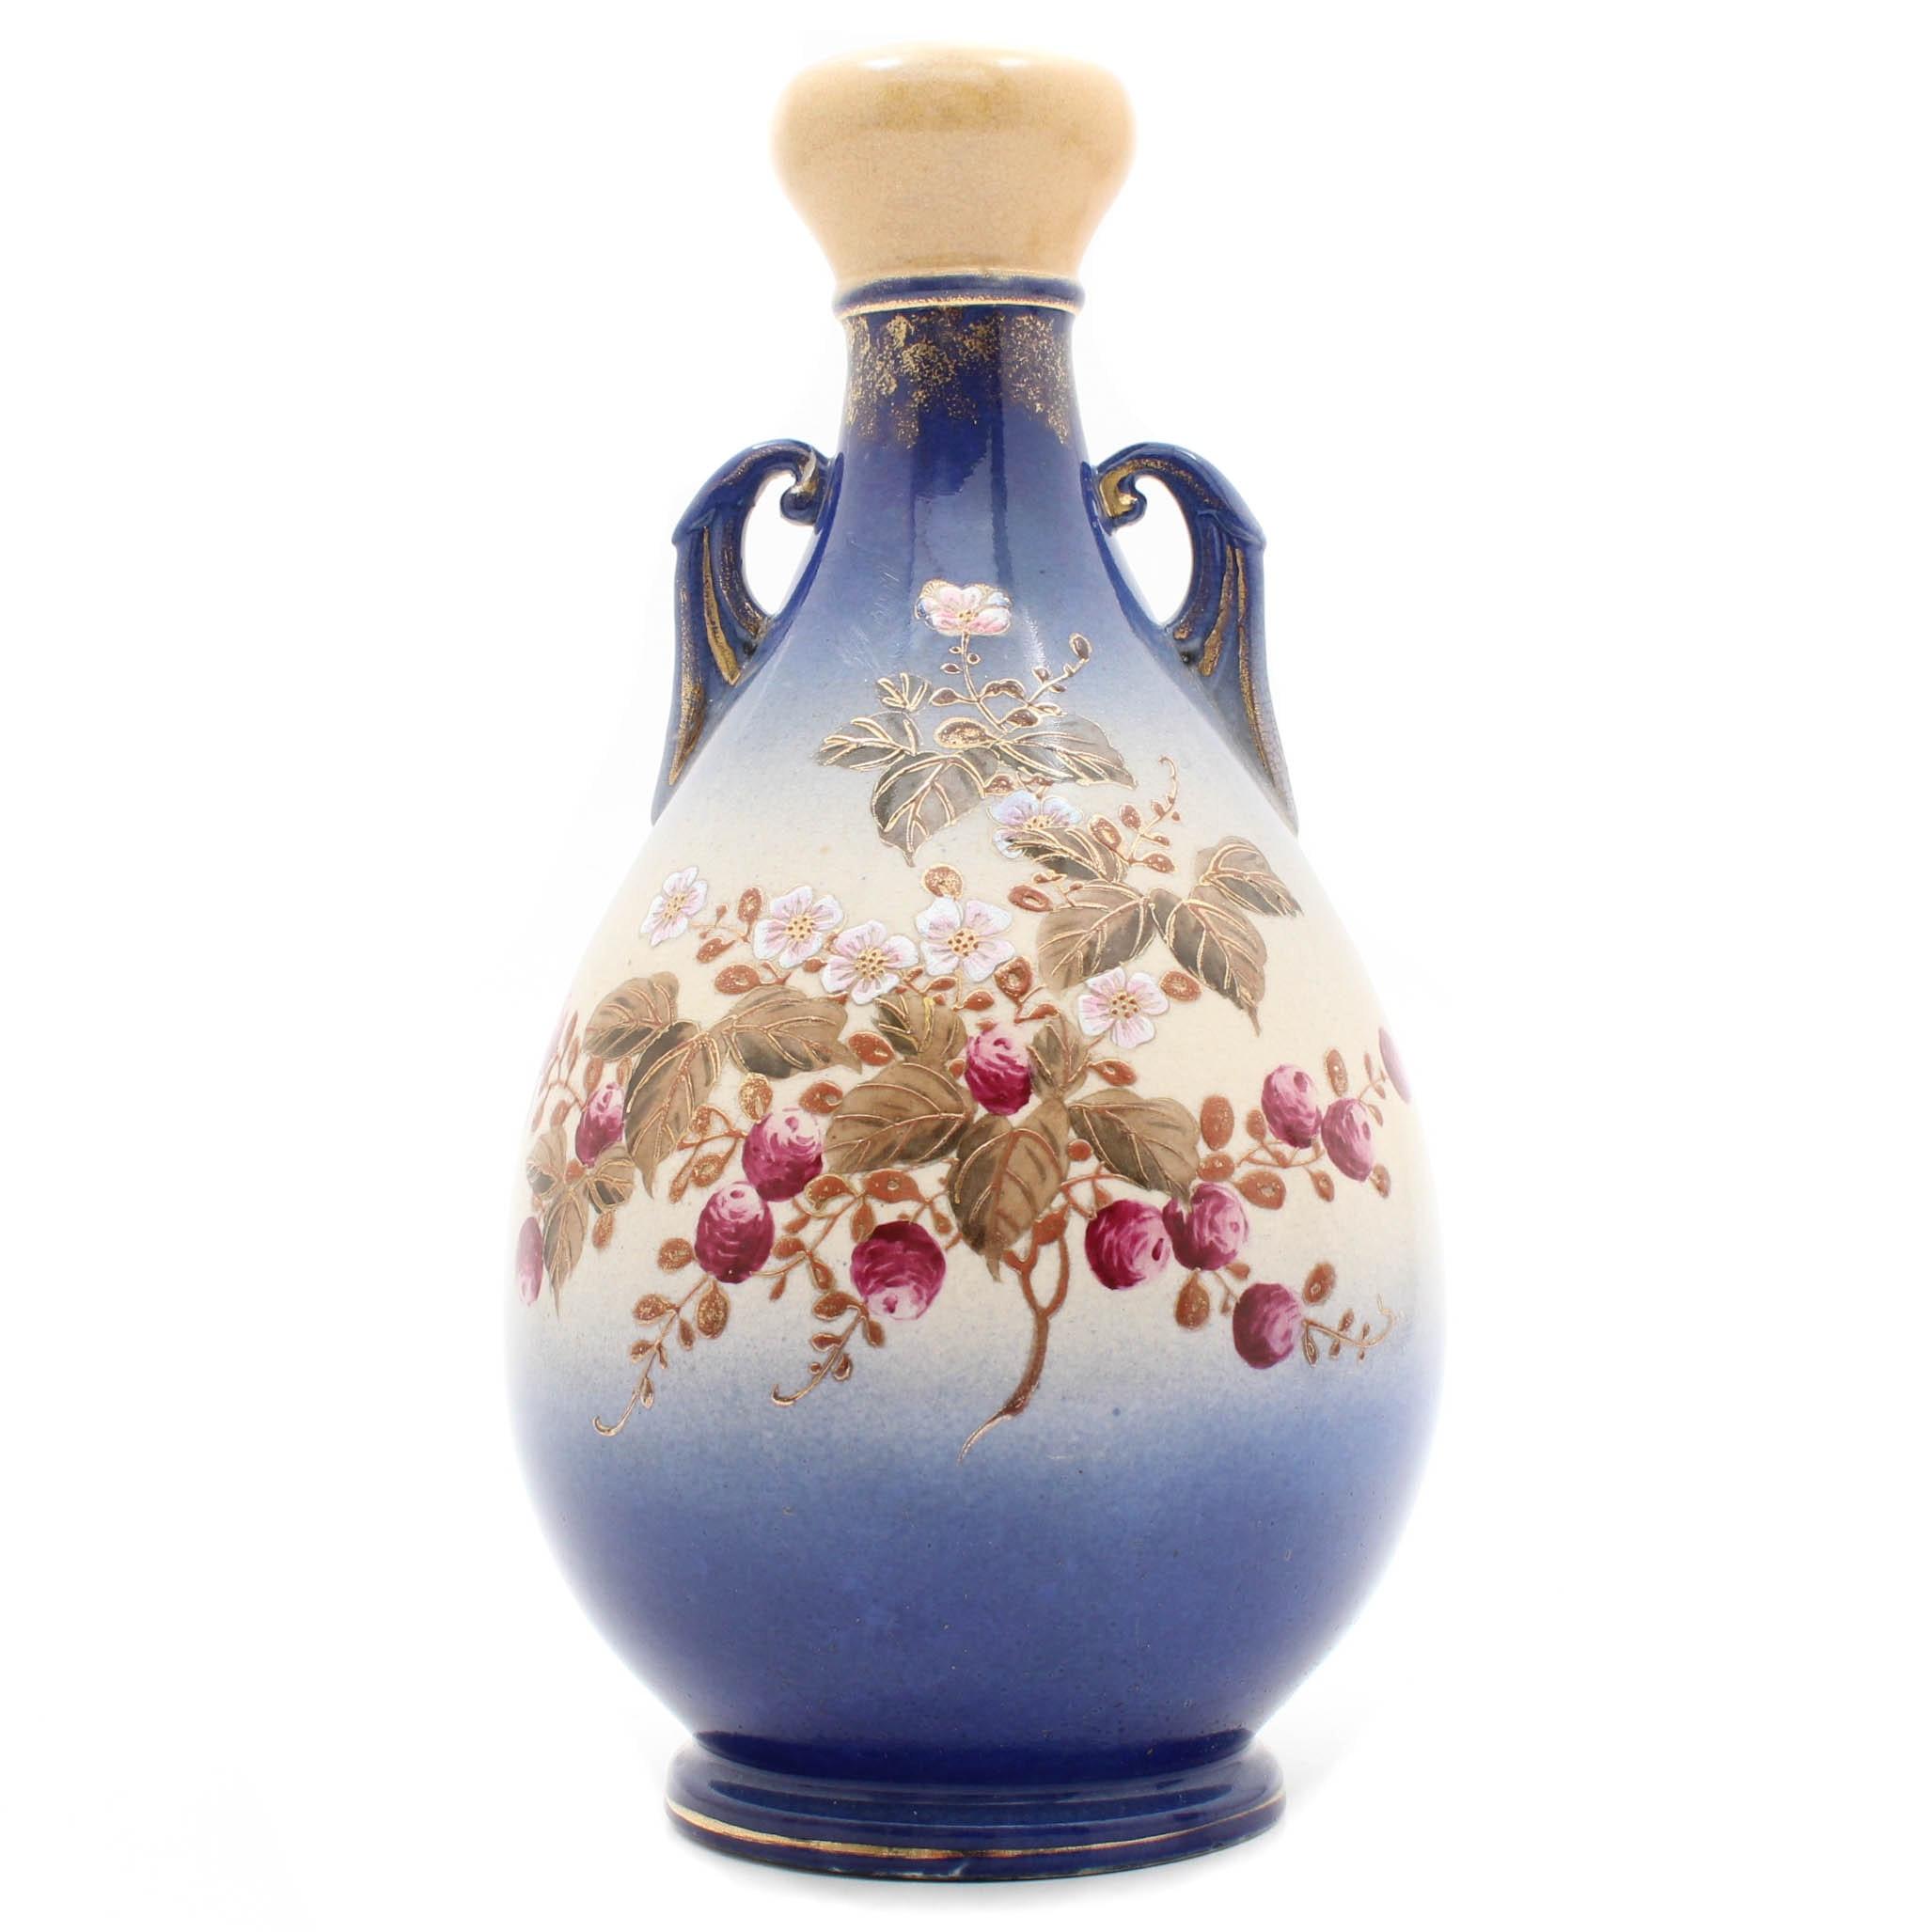 Hand-Painted Decorative Stoneware Vase